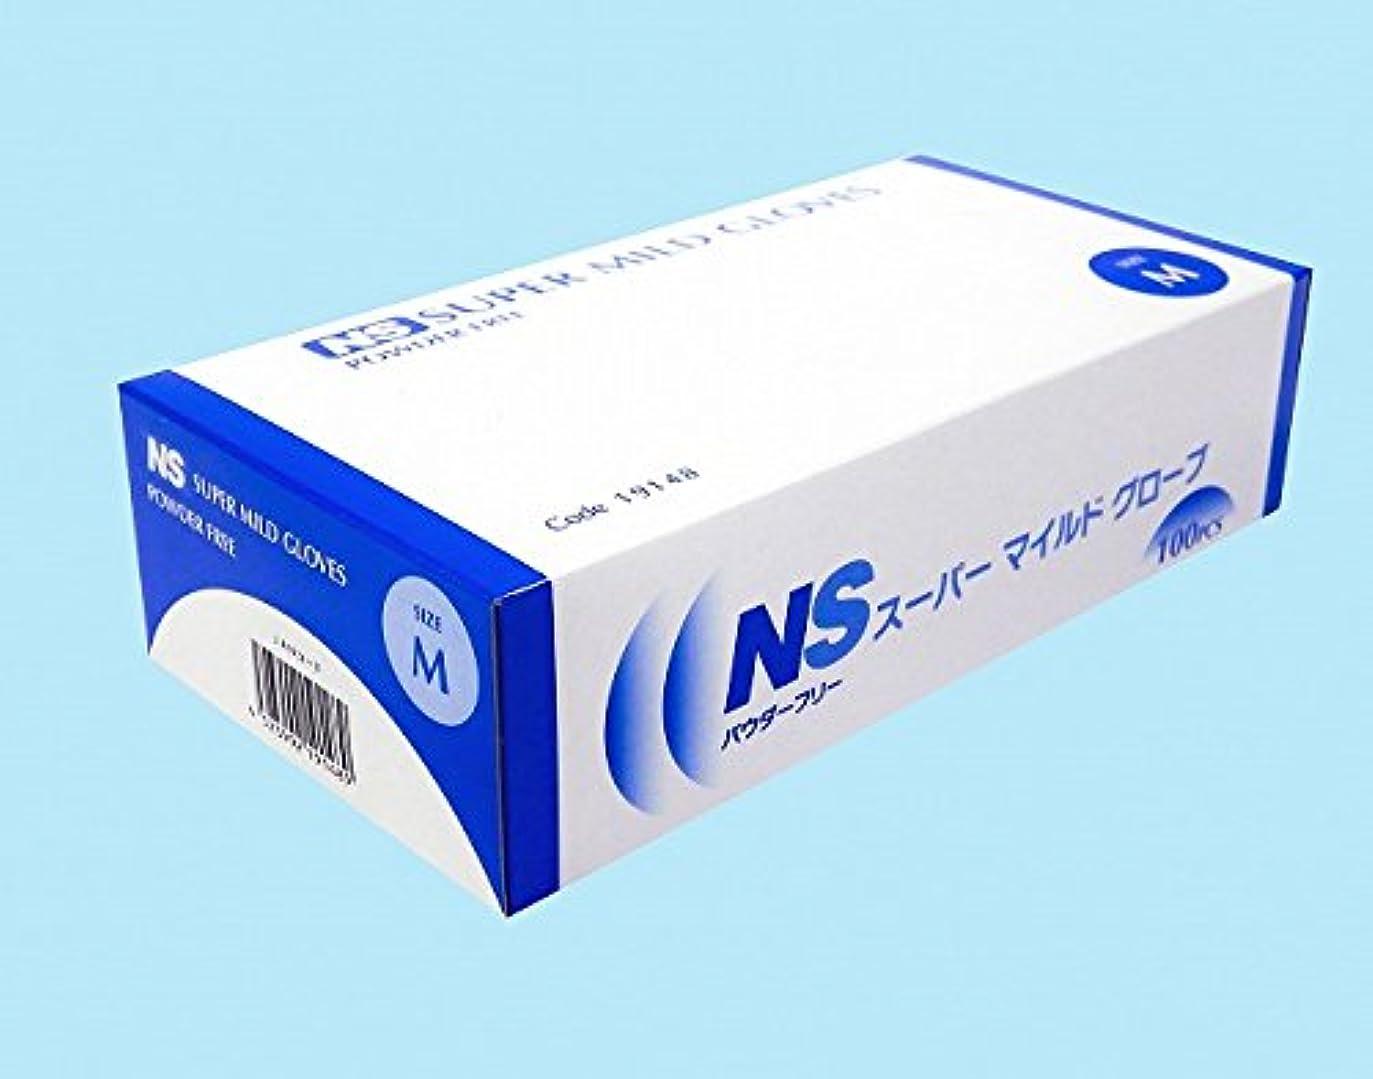 動作松ホーム【日昭産業】NS スーパーマイルド プラスチック手袋 パウダーフリー M 100枚*20箱入り (ケース販売)